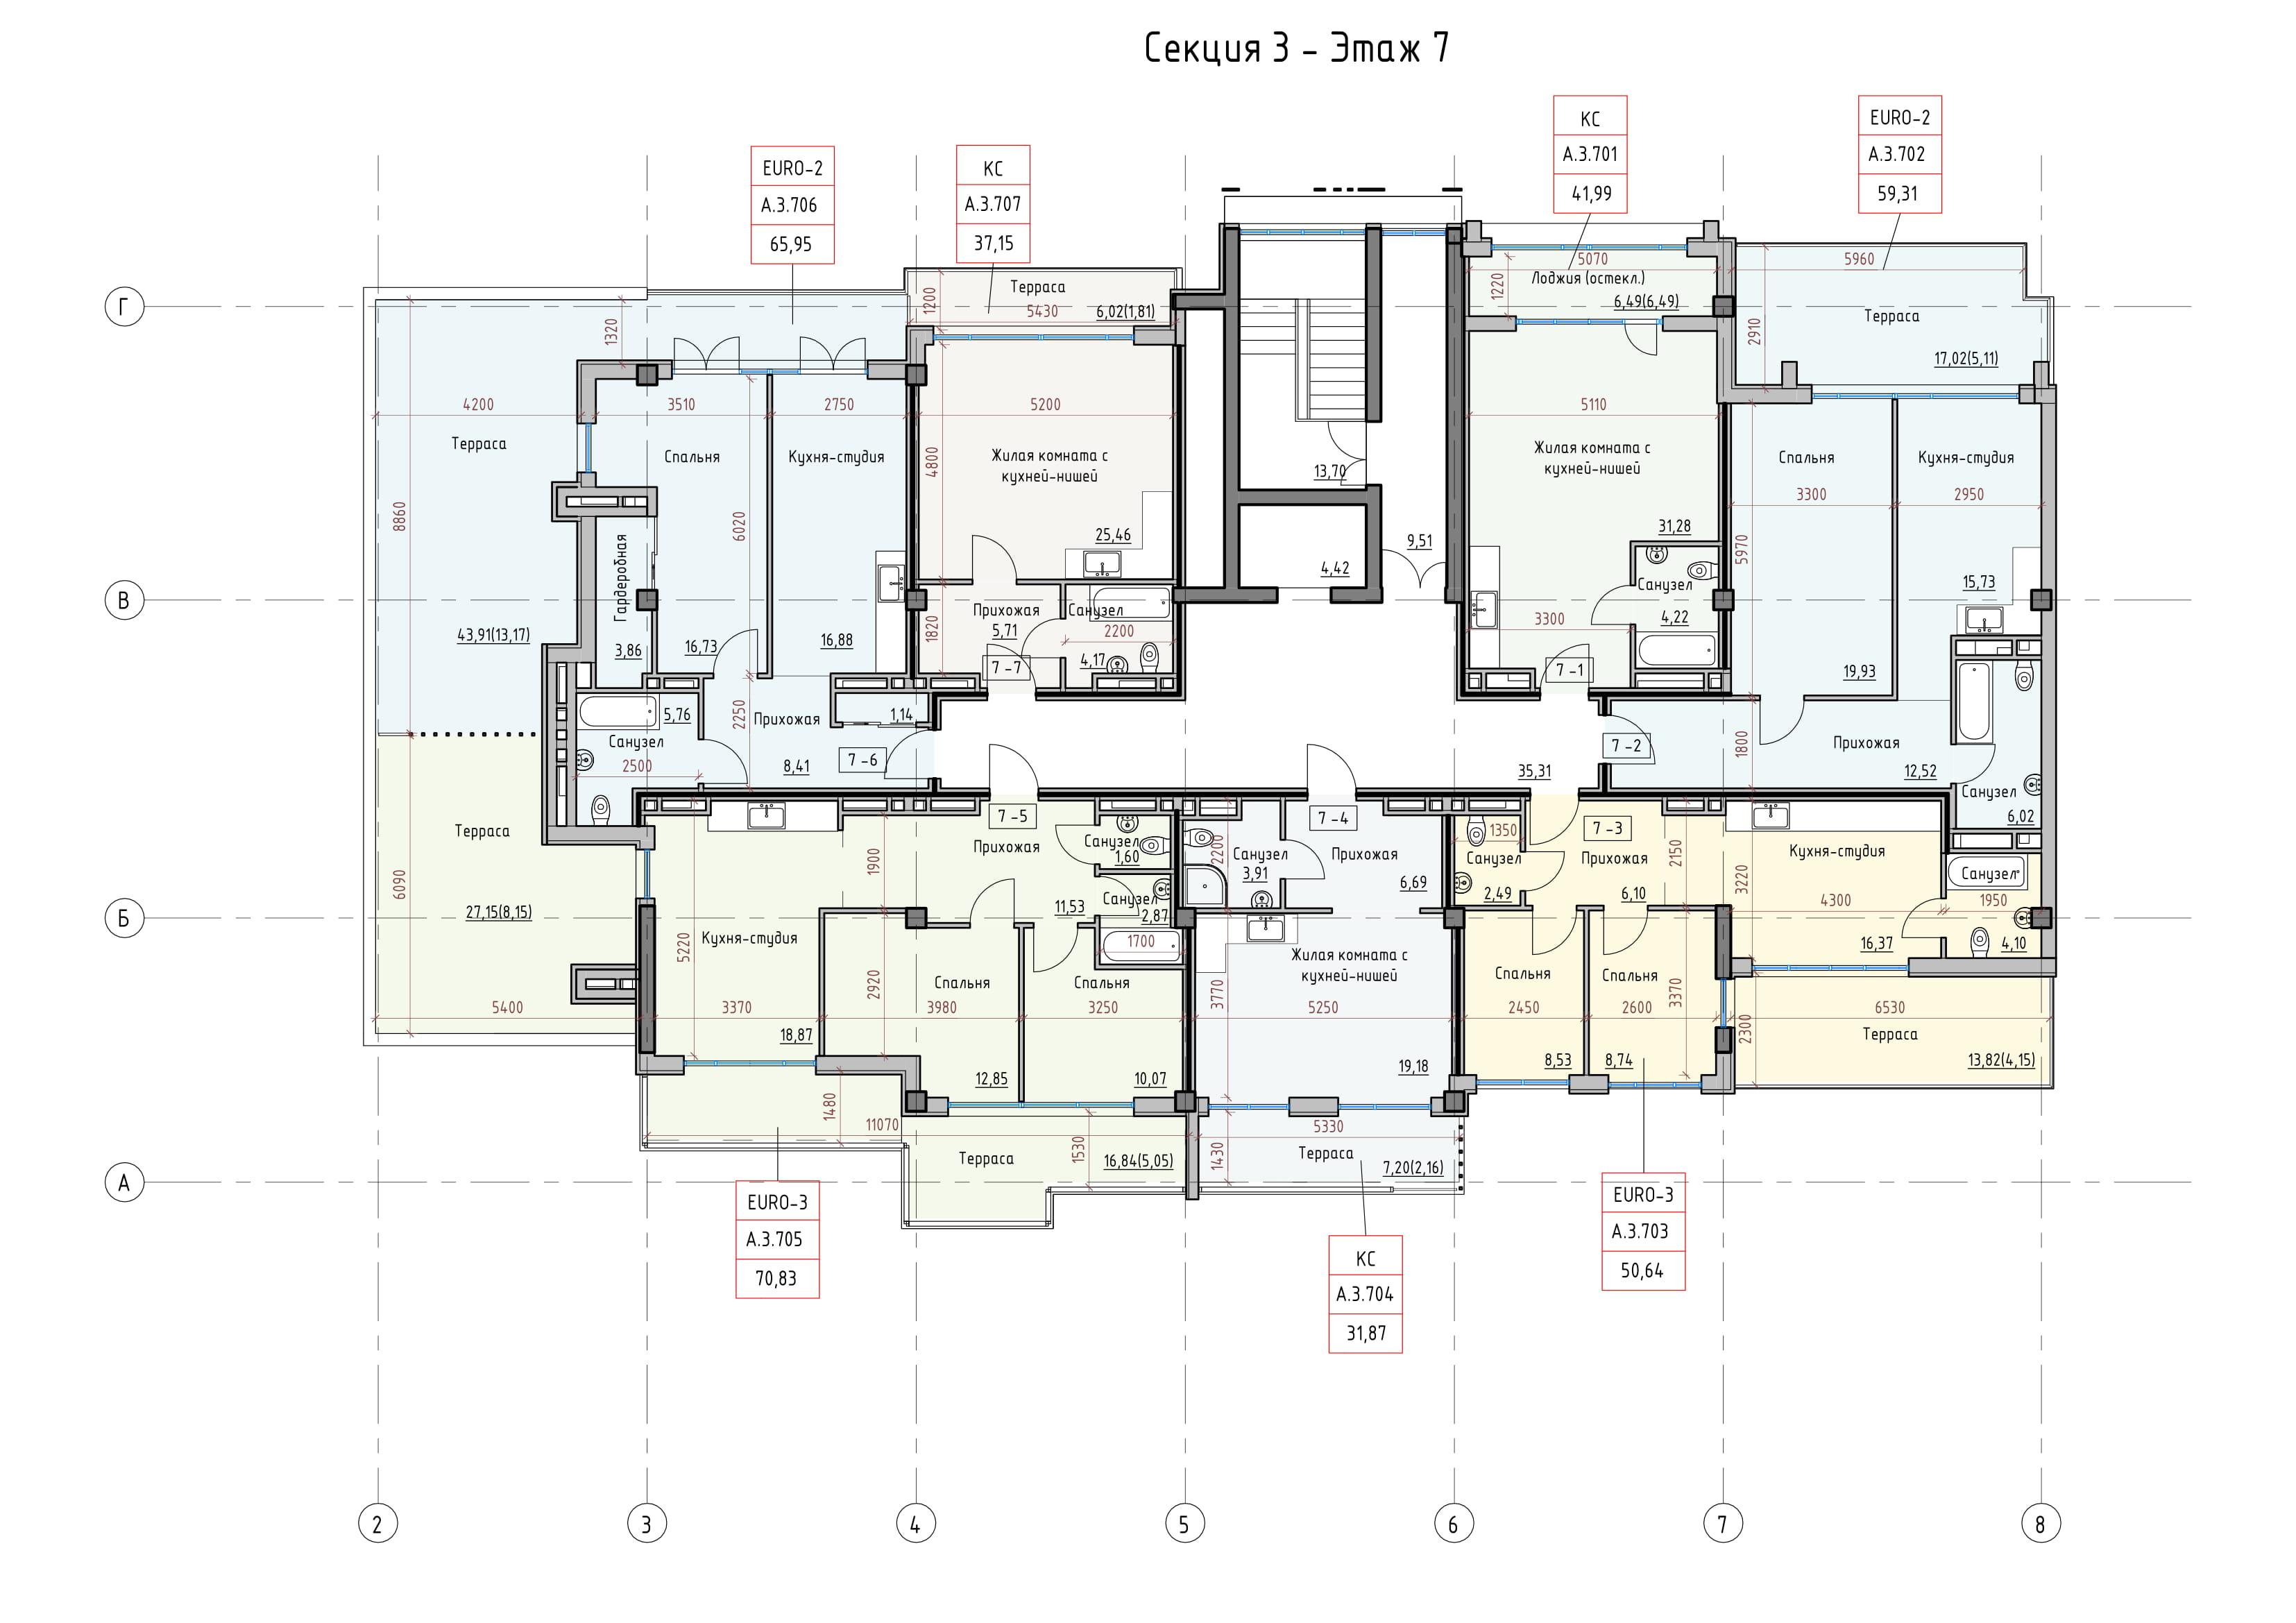 Пространство на Донского Корпус А Секция 3 план 7 этажа